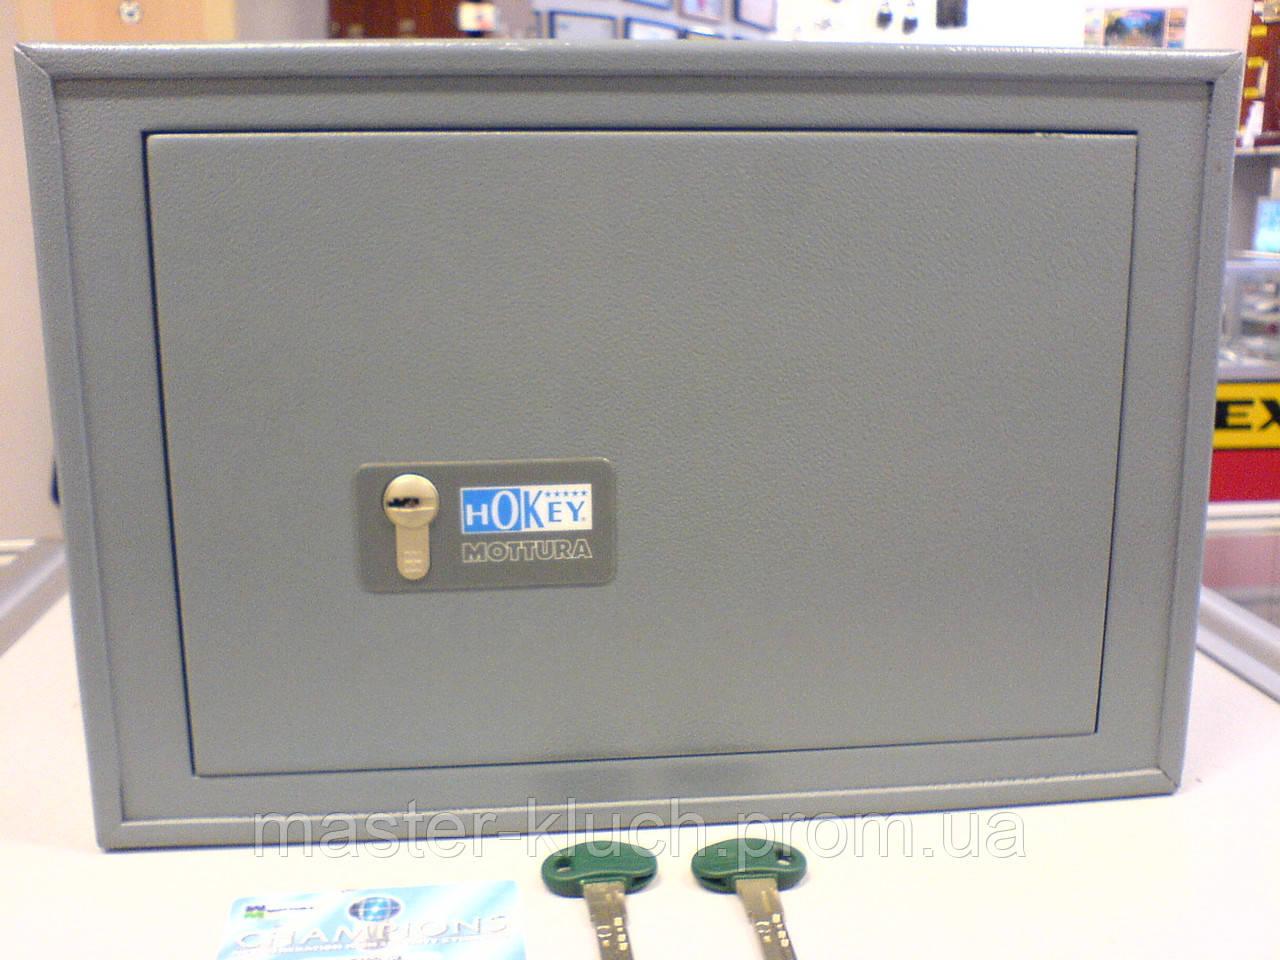 Сейф  Mottura 10.HS 6500 мебельный